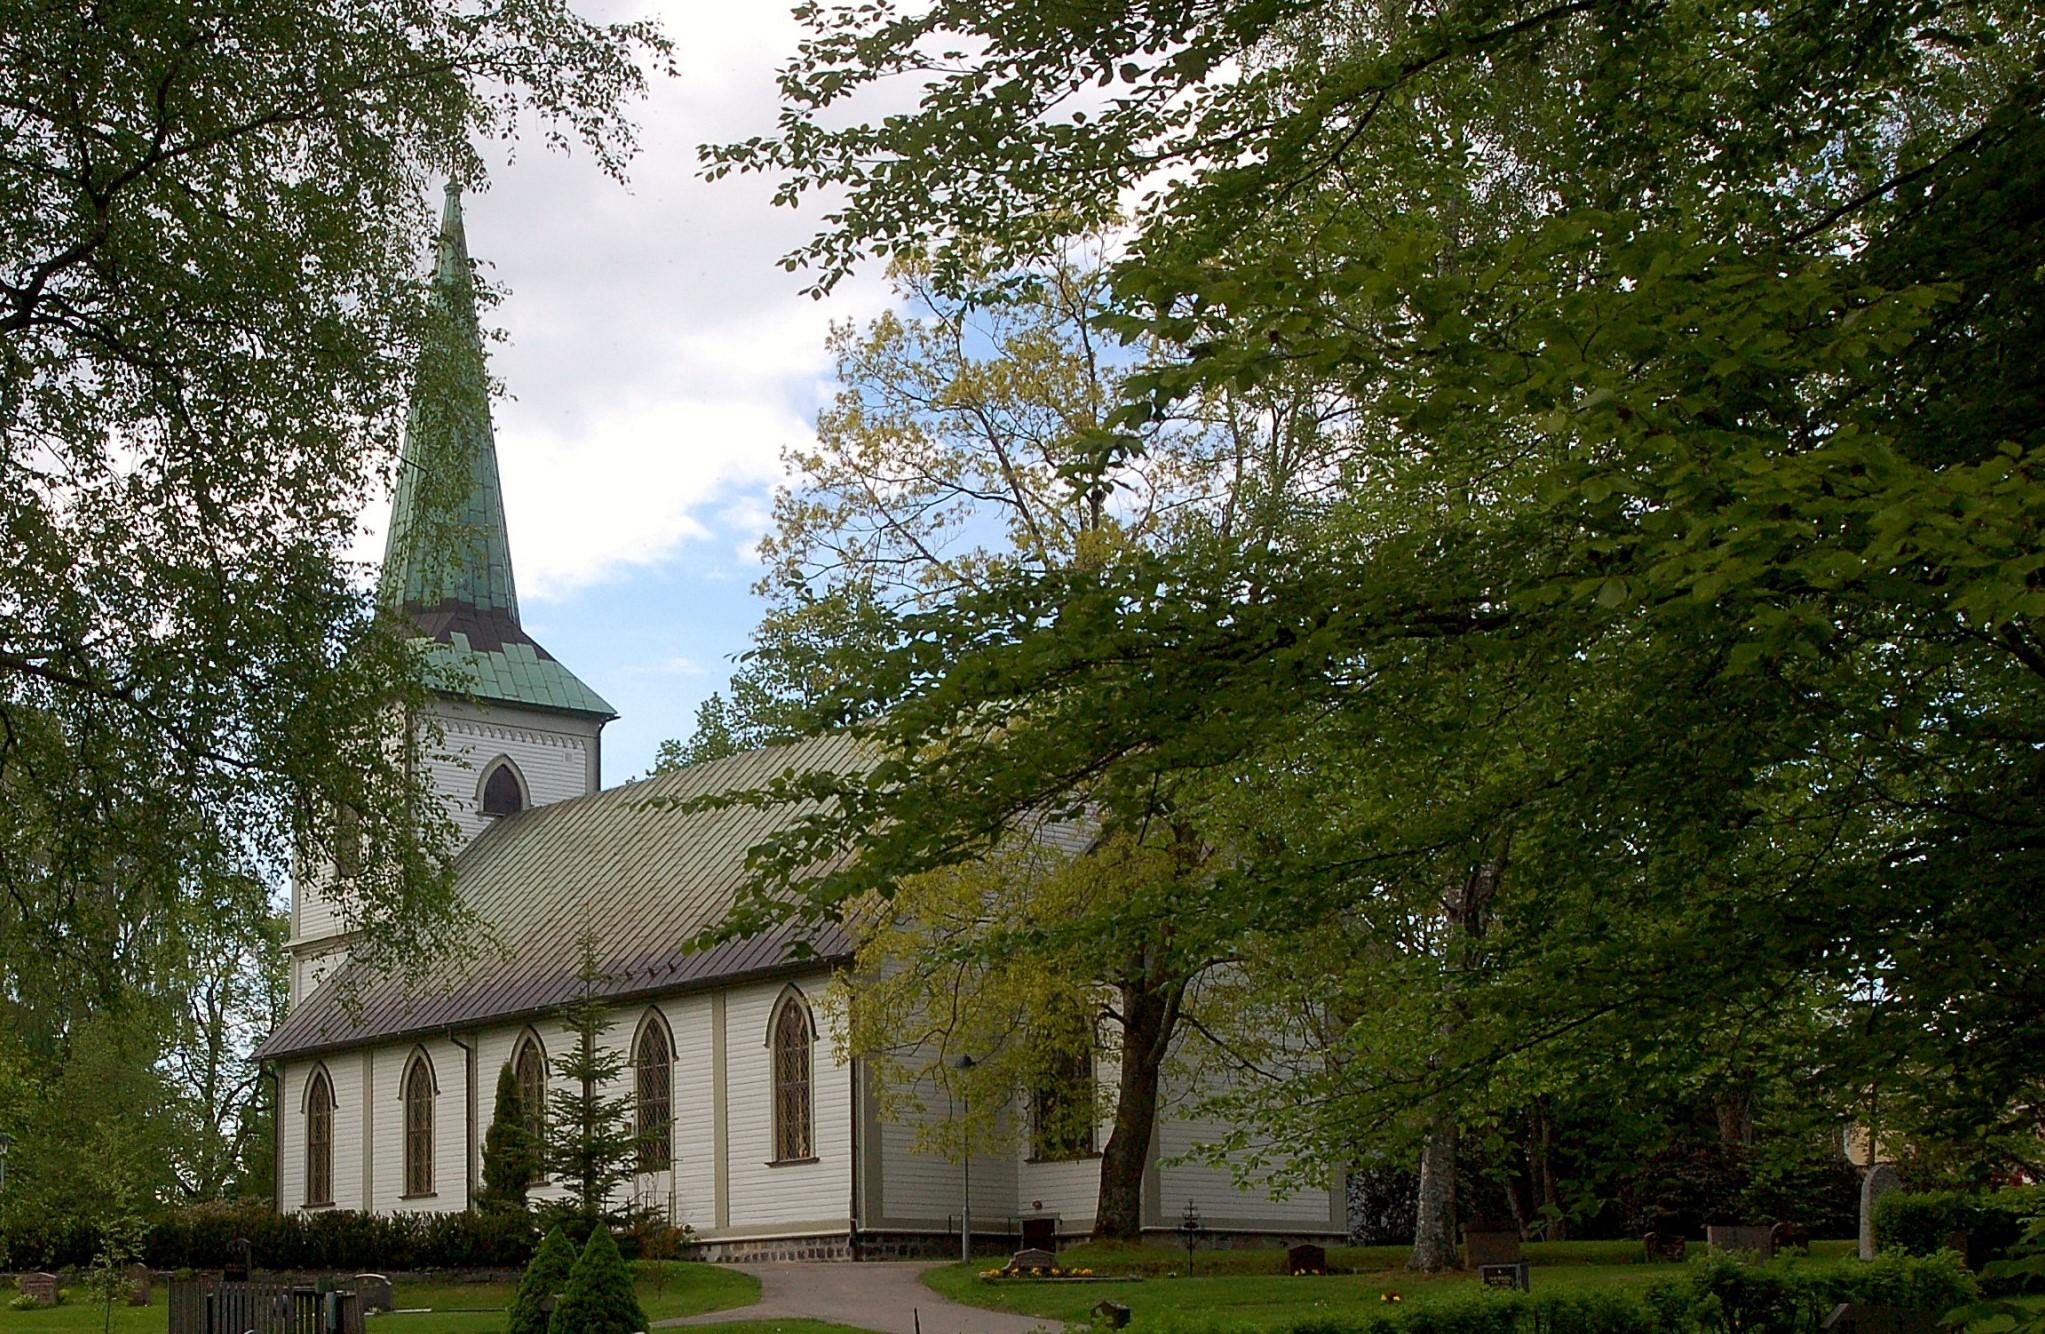 Träd vid en kyrka i Degersfors kommun